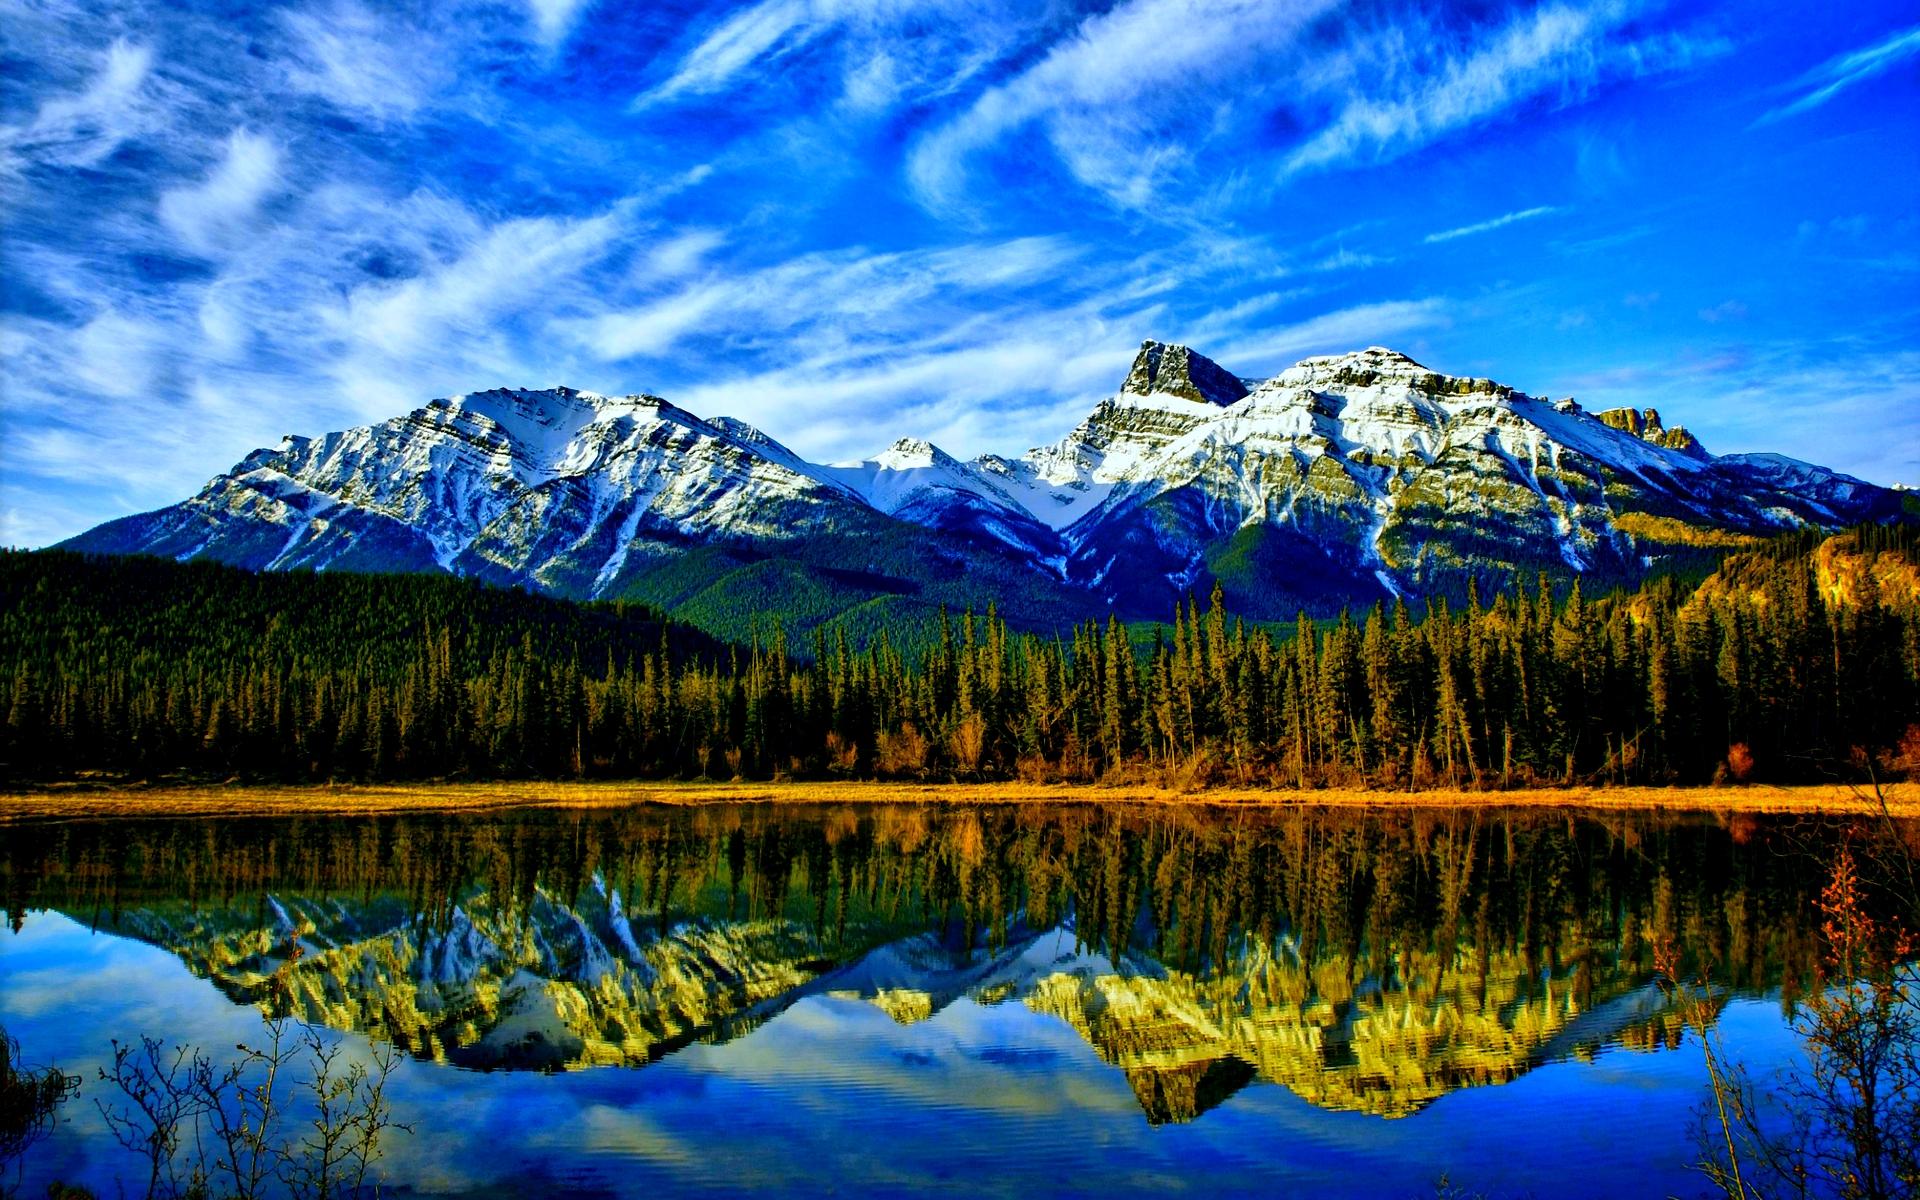 Stunning Lake Wallpaper